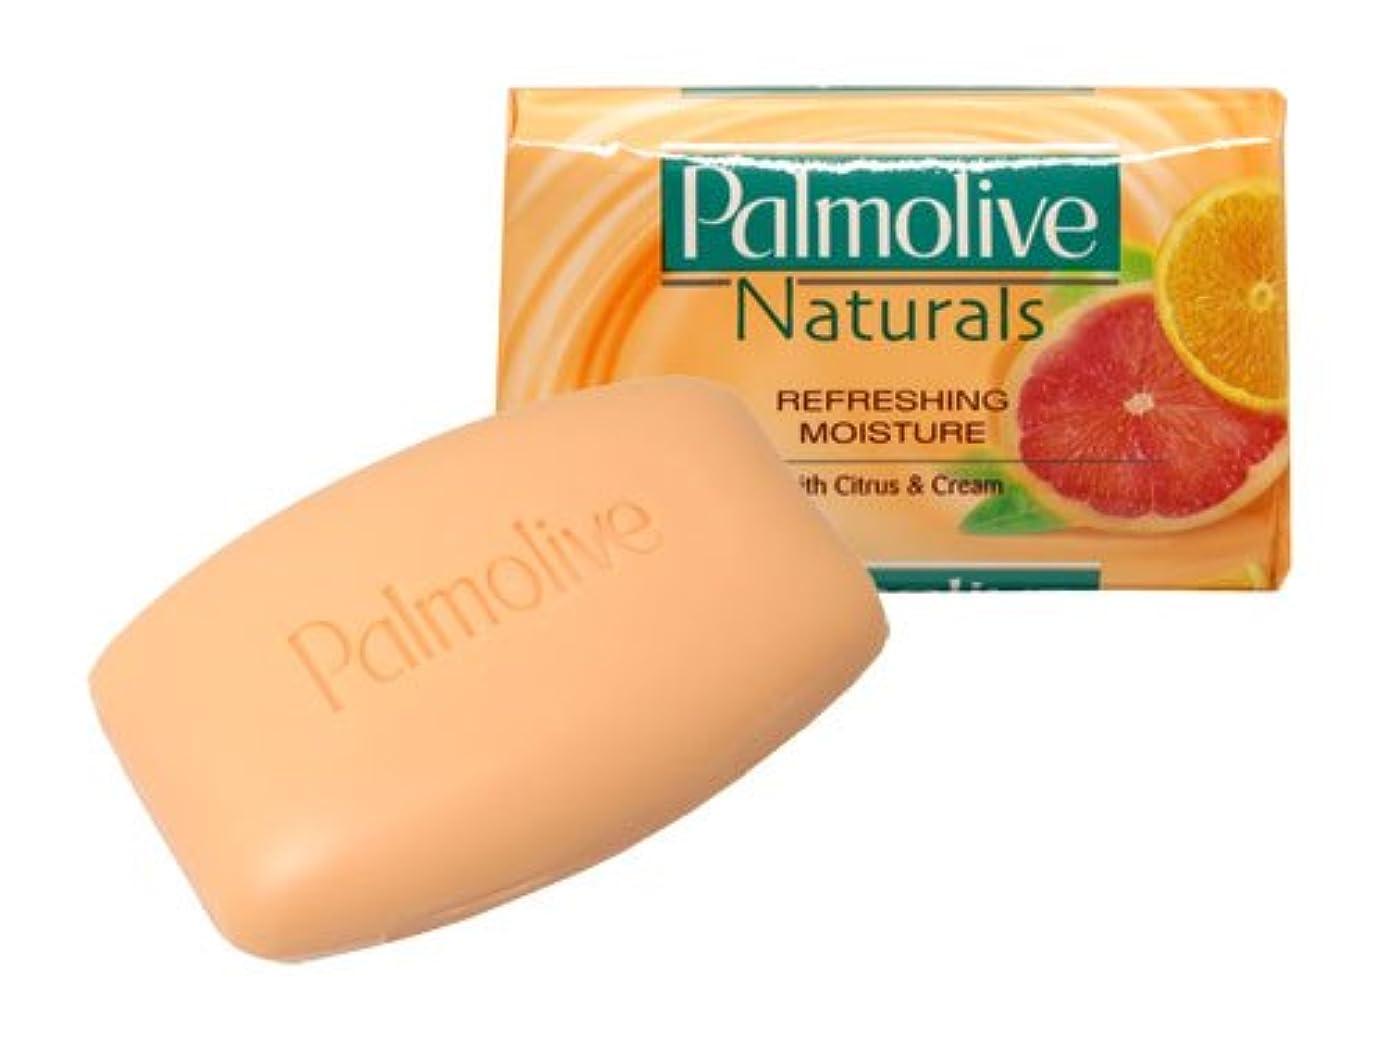 近傍抽出慢【Palmolive】パルモリーブ ナチュラルズ石鹸3個パック(シトラス&クリーム)